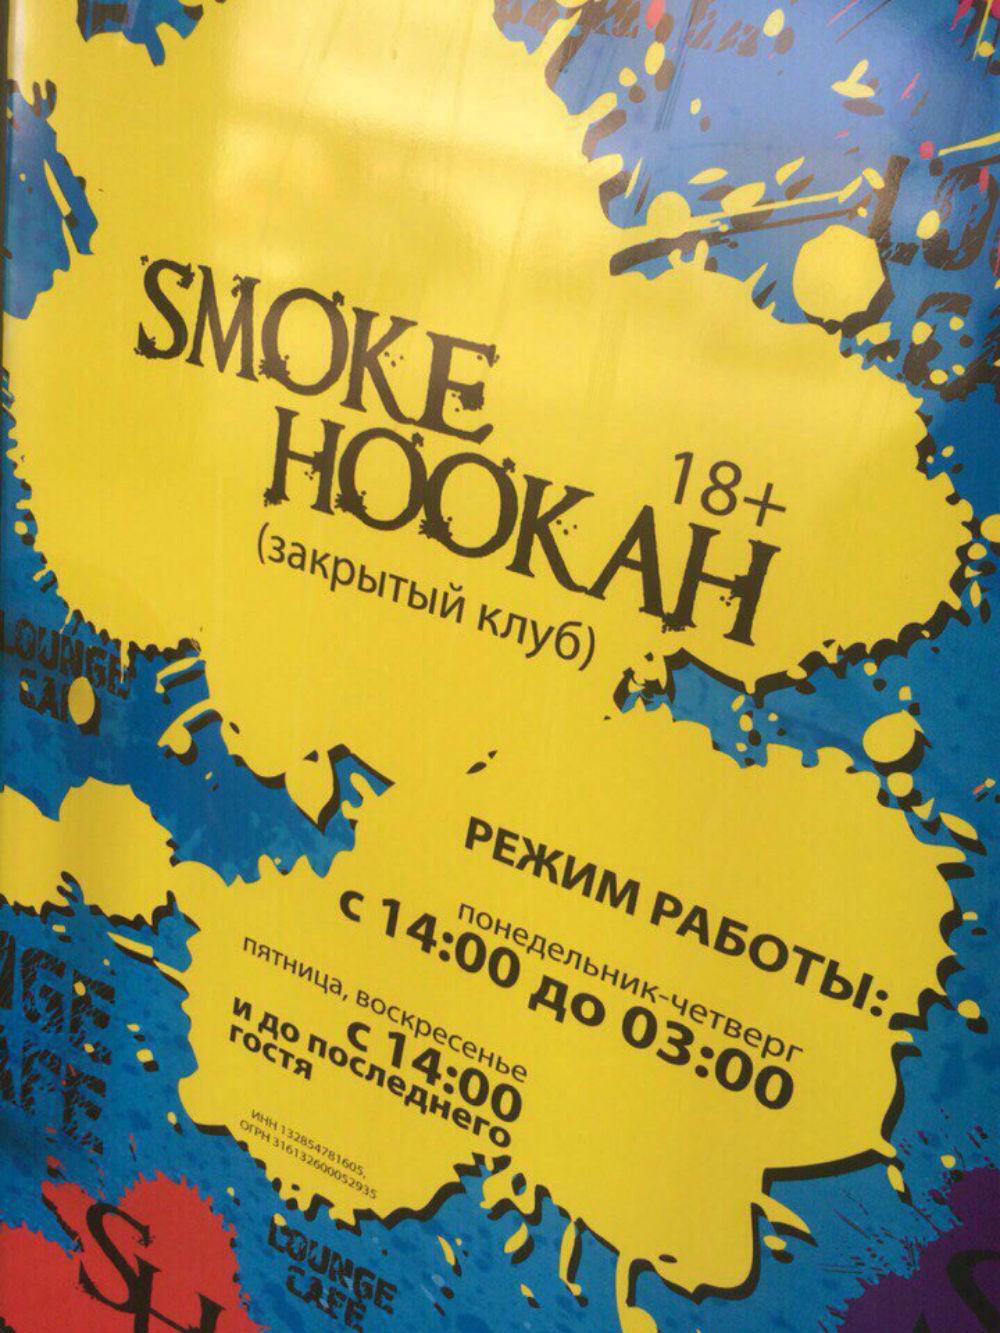 Открытия ноября smoke